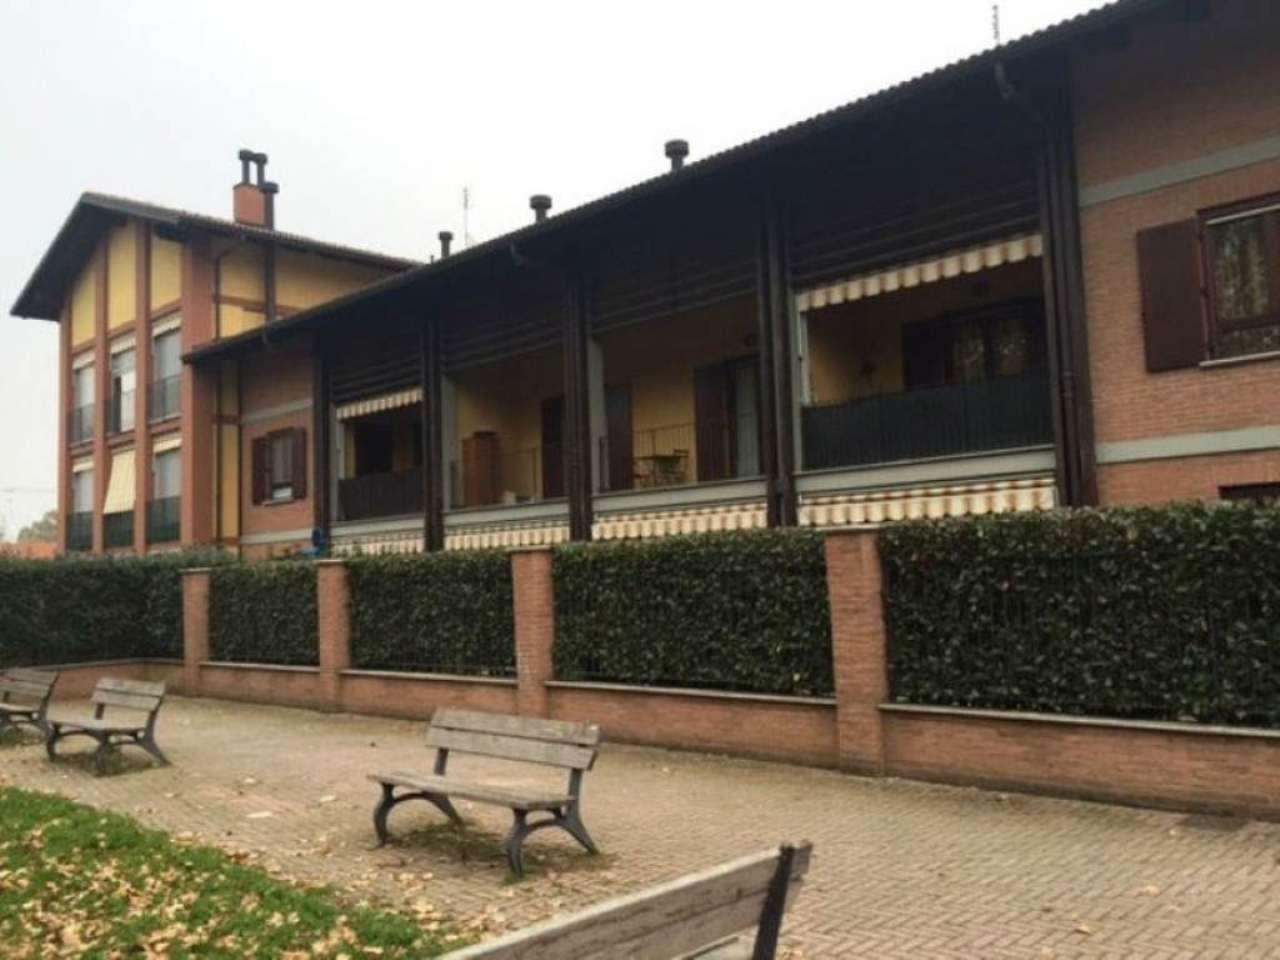 Magazzino in vendita a Orbassano, 2 locali, prezzo € 48.000 | Cambio Casa.it